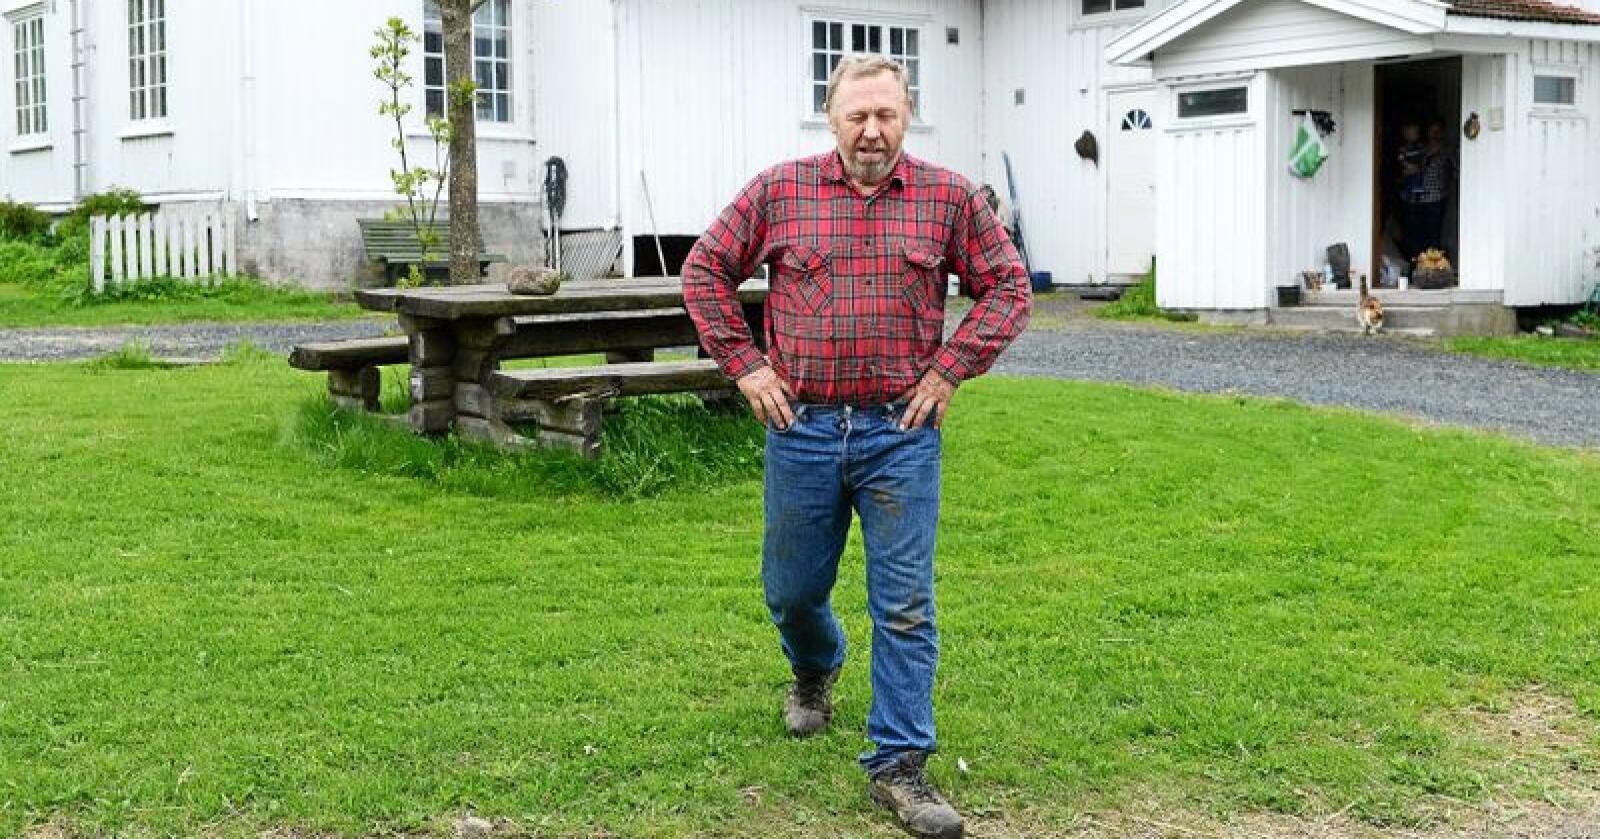 Dag Fossen bør lese alle landbrukets krav, anbefaler innsenderen. Foto: Siri Juell Rasmussen